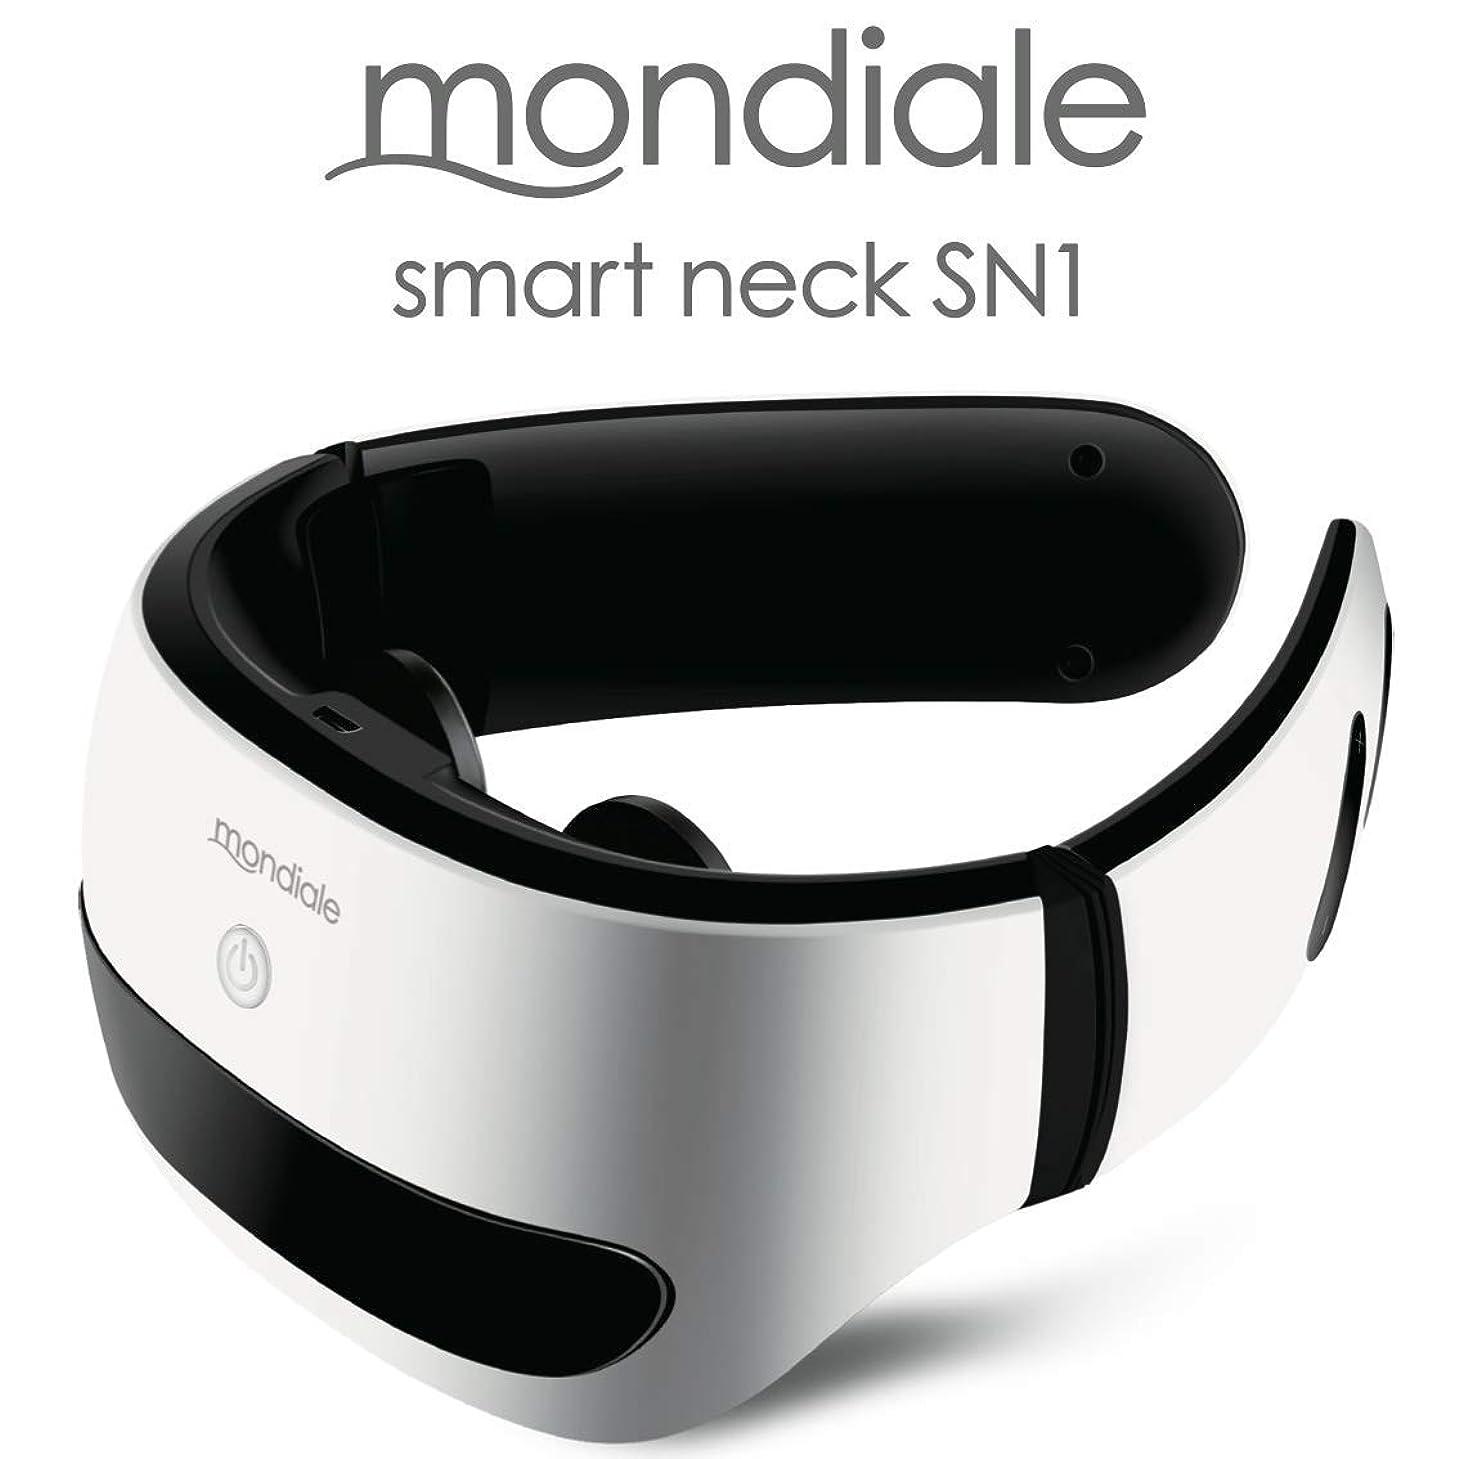 金額グロー悲しいモンデール スマートネック SN1 mondiale smart neck SN1